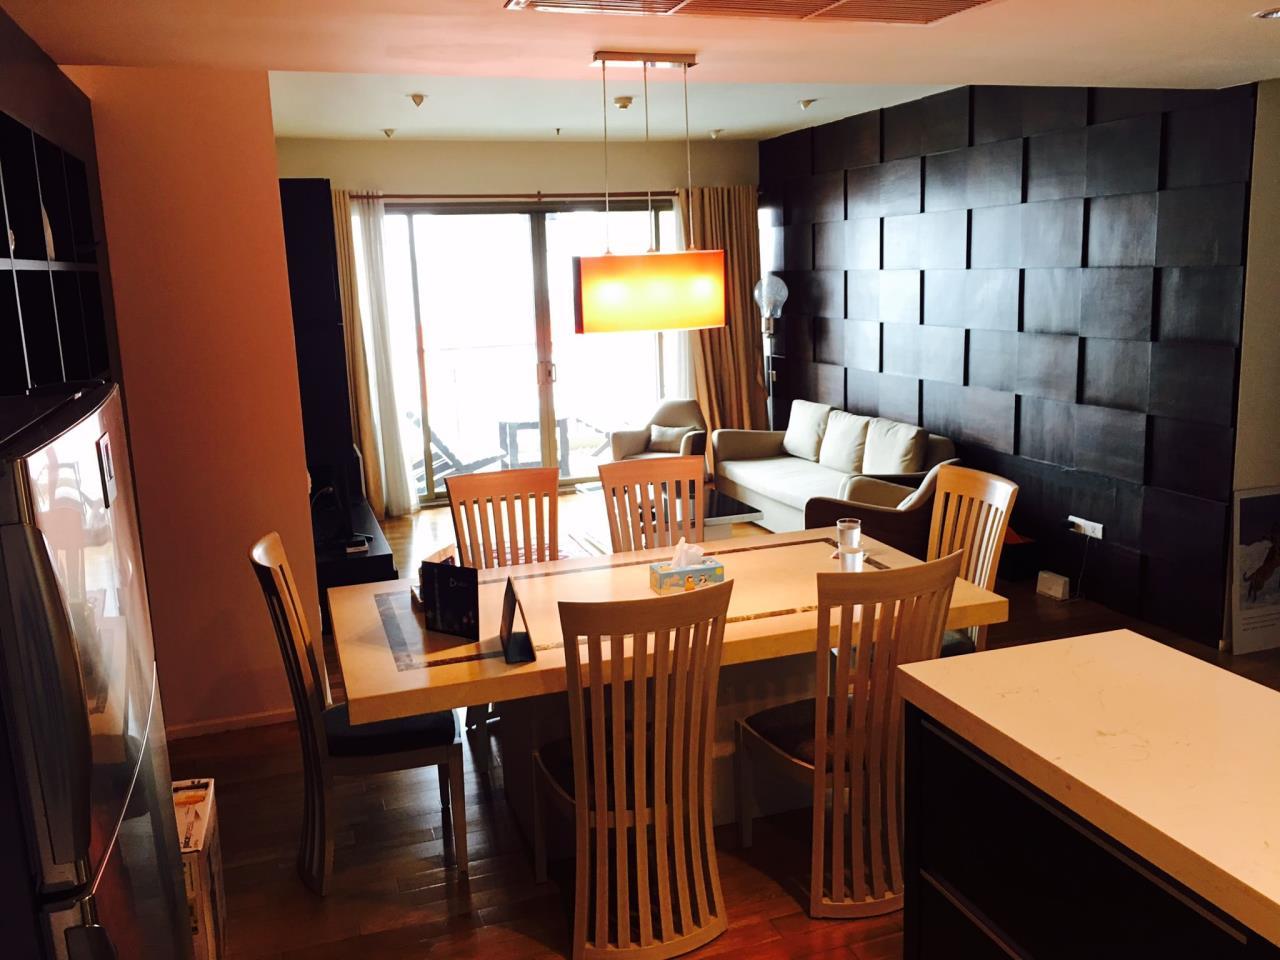 RE/MAX BestLife Agency's The Lakes, 2 Bedroom, 90K, 176SQM, High Floor, Asok 6